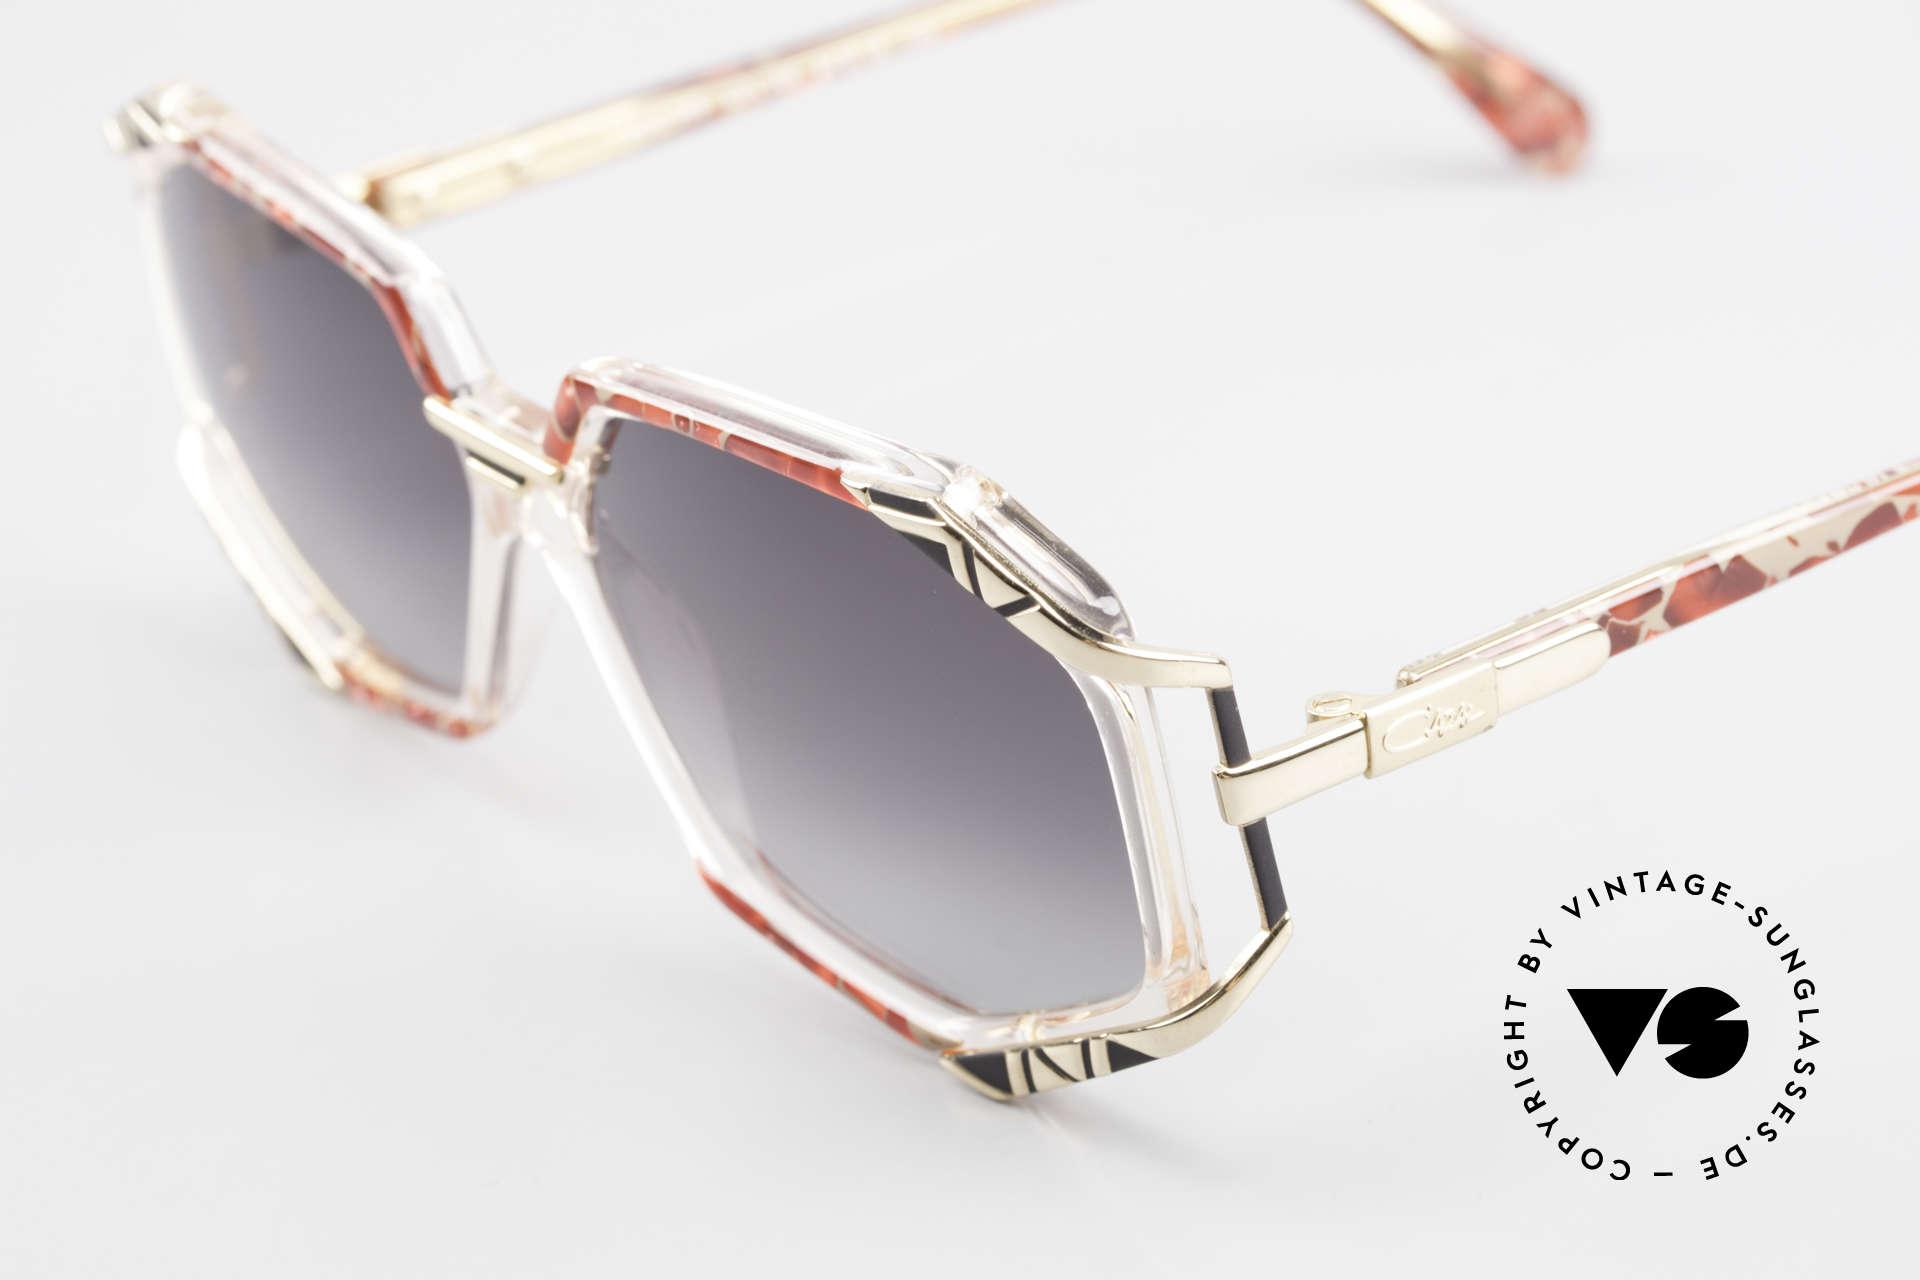 Cazal 355 Spektakuläre Sonnenbrille 90er, tolle Kombination von Farbe, Form und Materialien, Passend für Damen